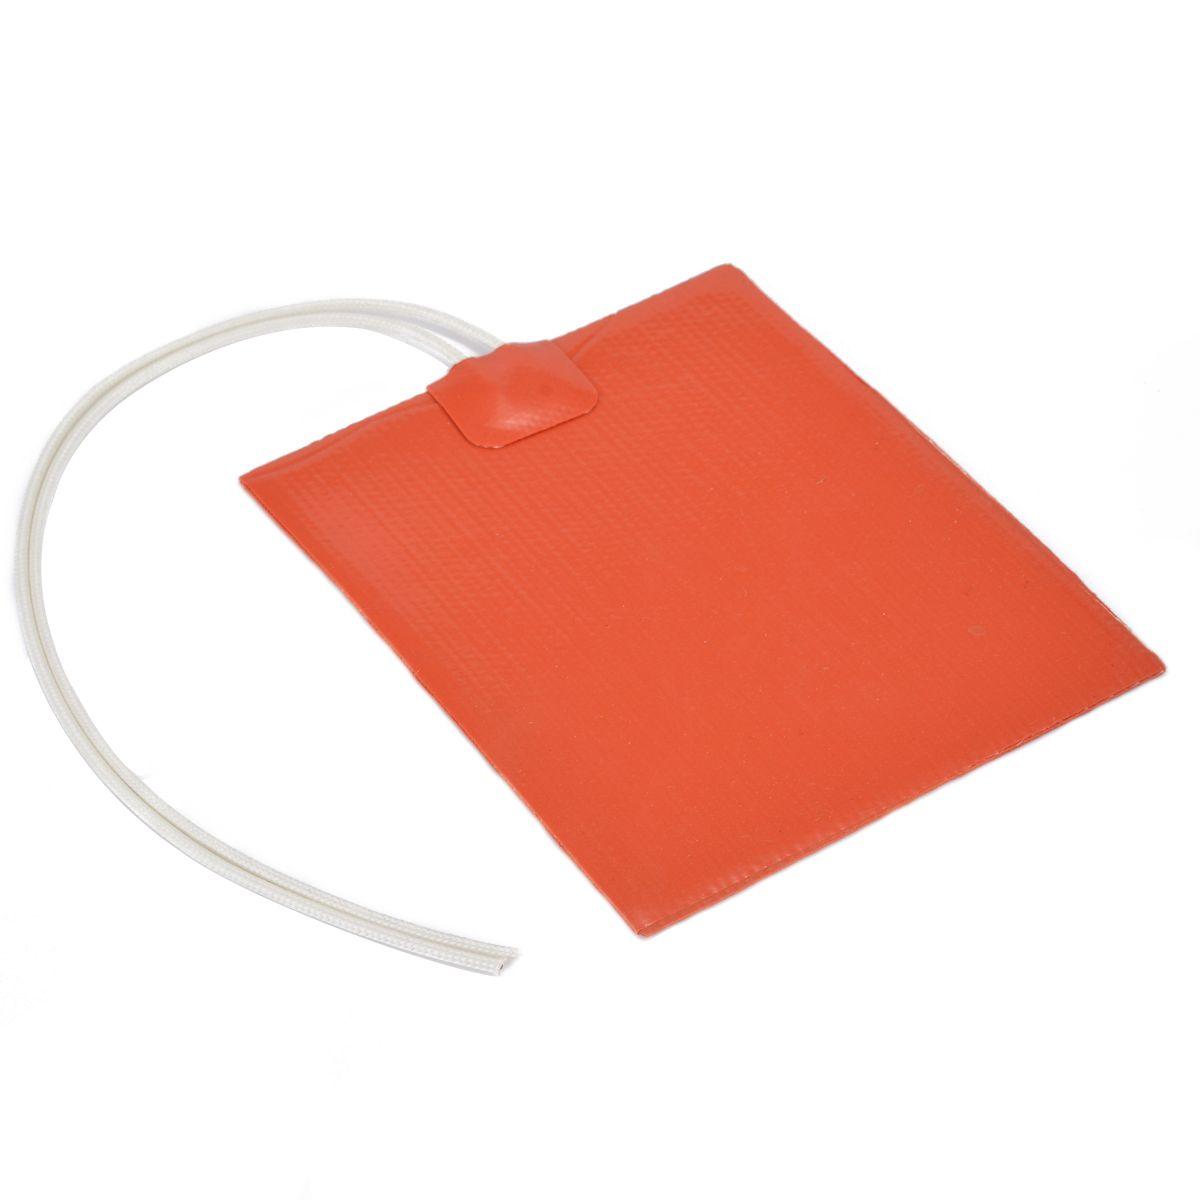 12 v 12 watt Silikon Gummi Heizung Panel Konstante Temperatur Heizung Panel Platte 100*120mm Für Heizung Werkzeug